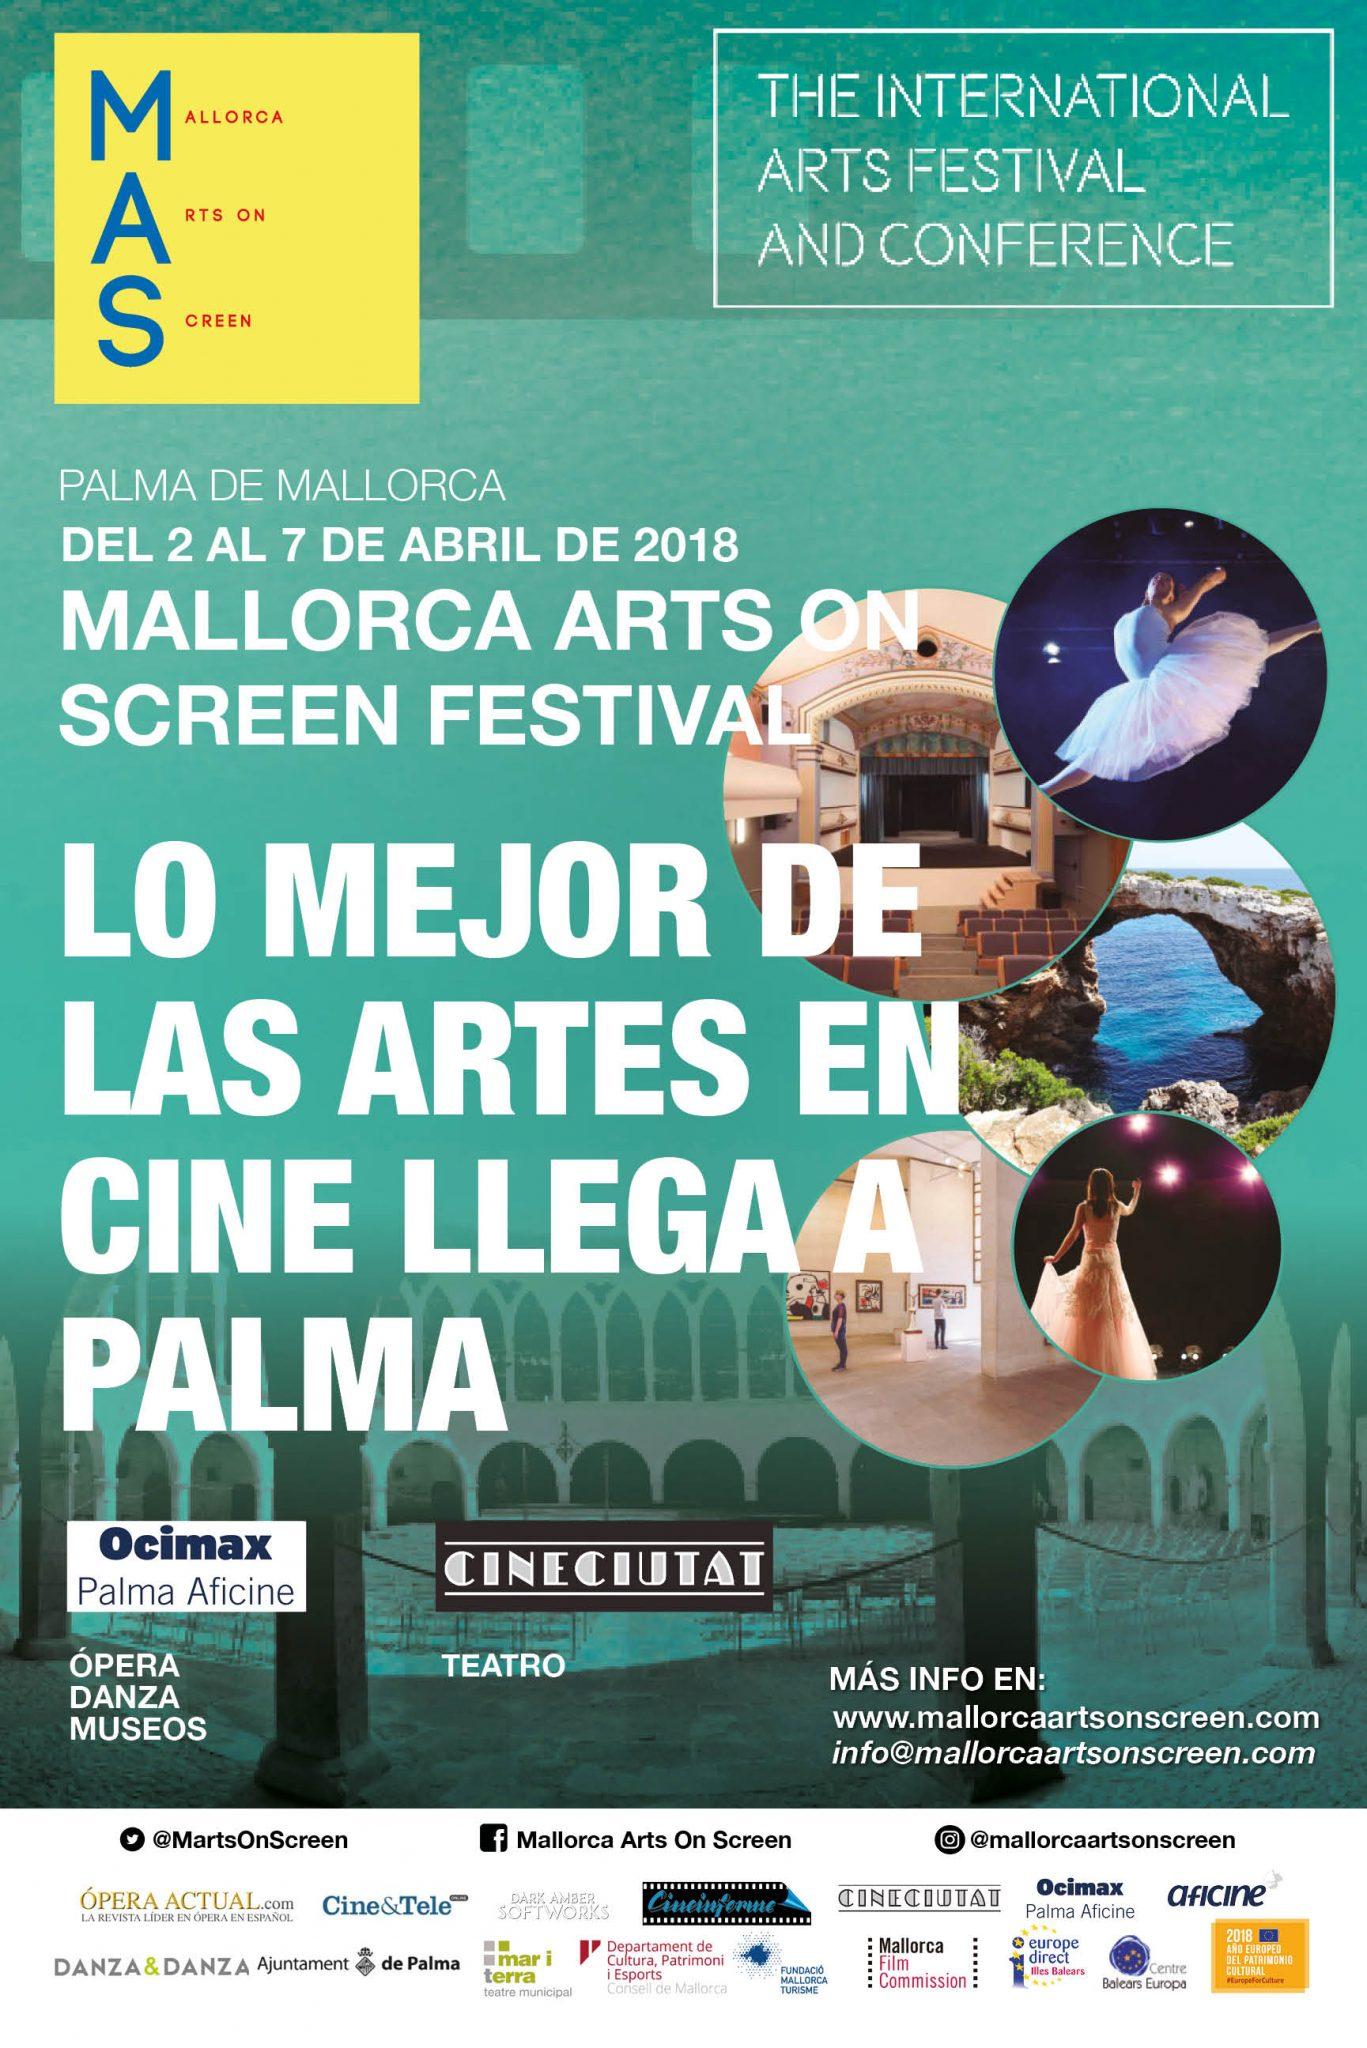 Gran EVENTO<br>MALLORCA ARTS ON SCREEN (MAS)